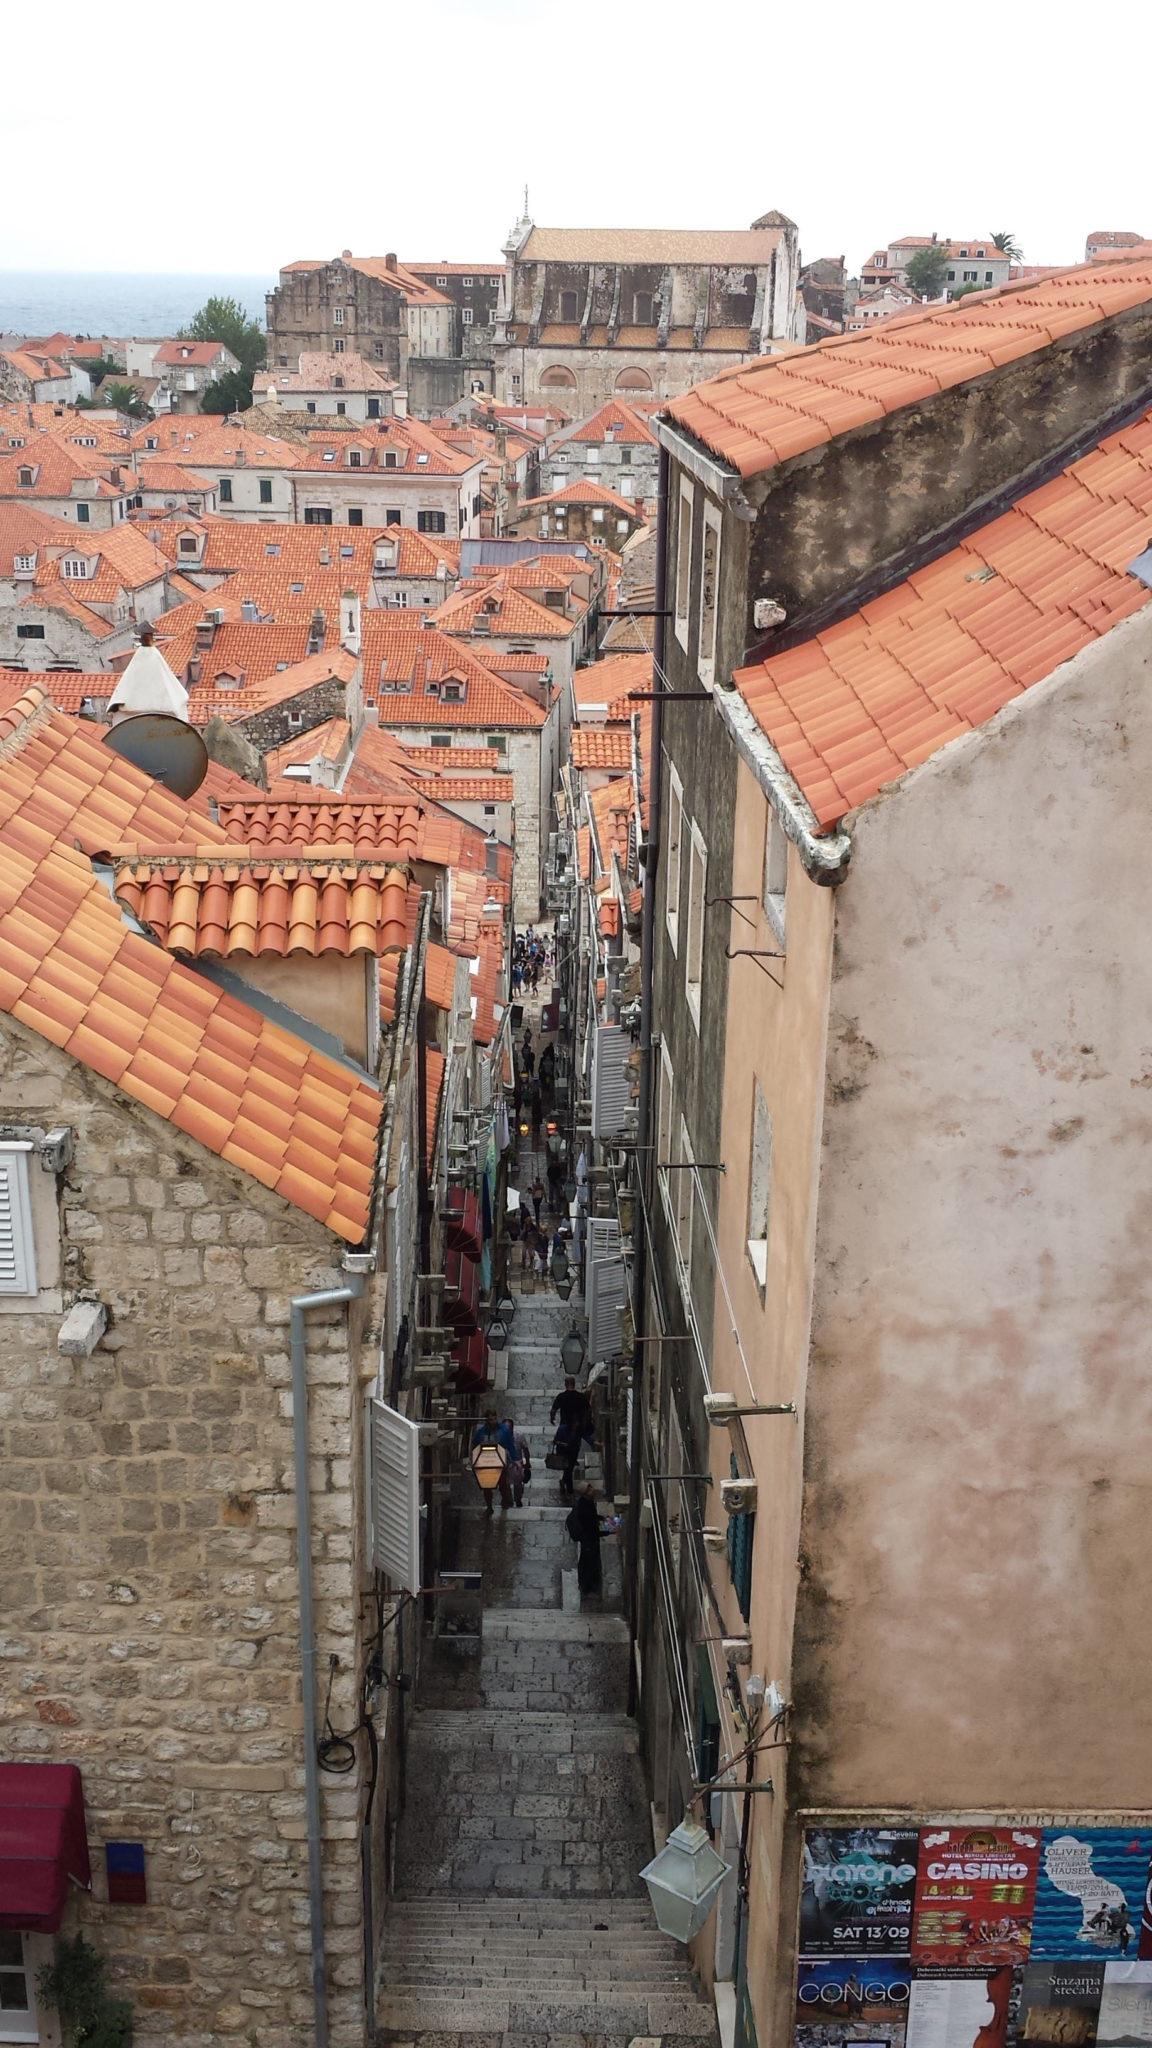 Hema_blog_mode_voyage_croatie_une_journee_a_dubrovnik_streets_4